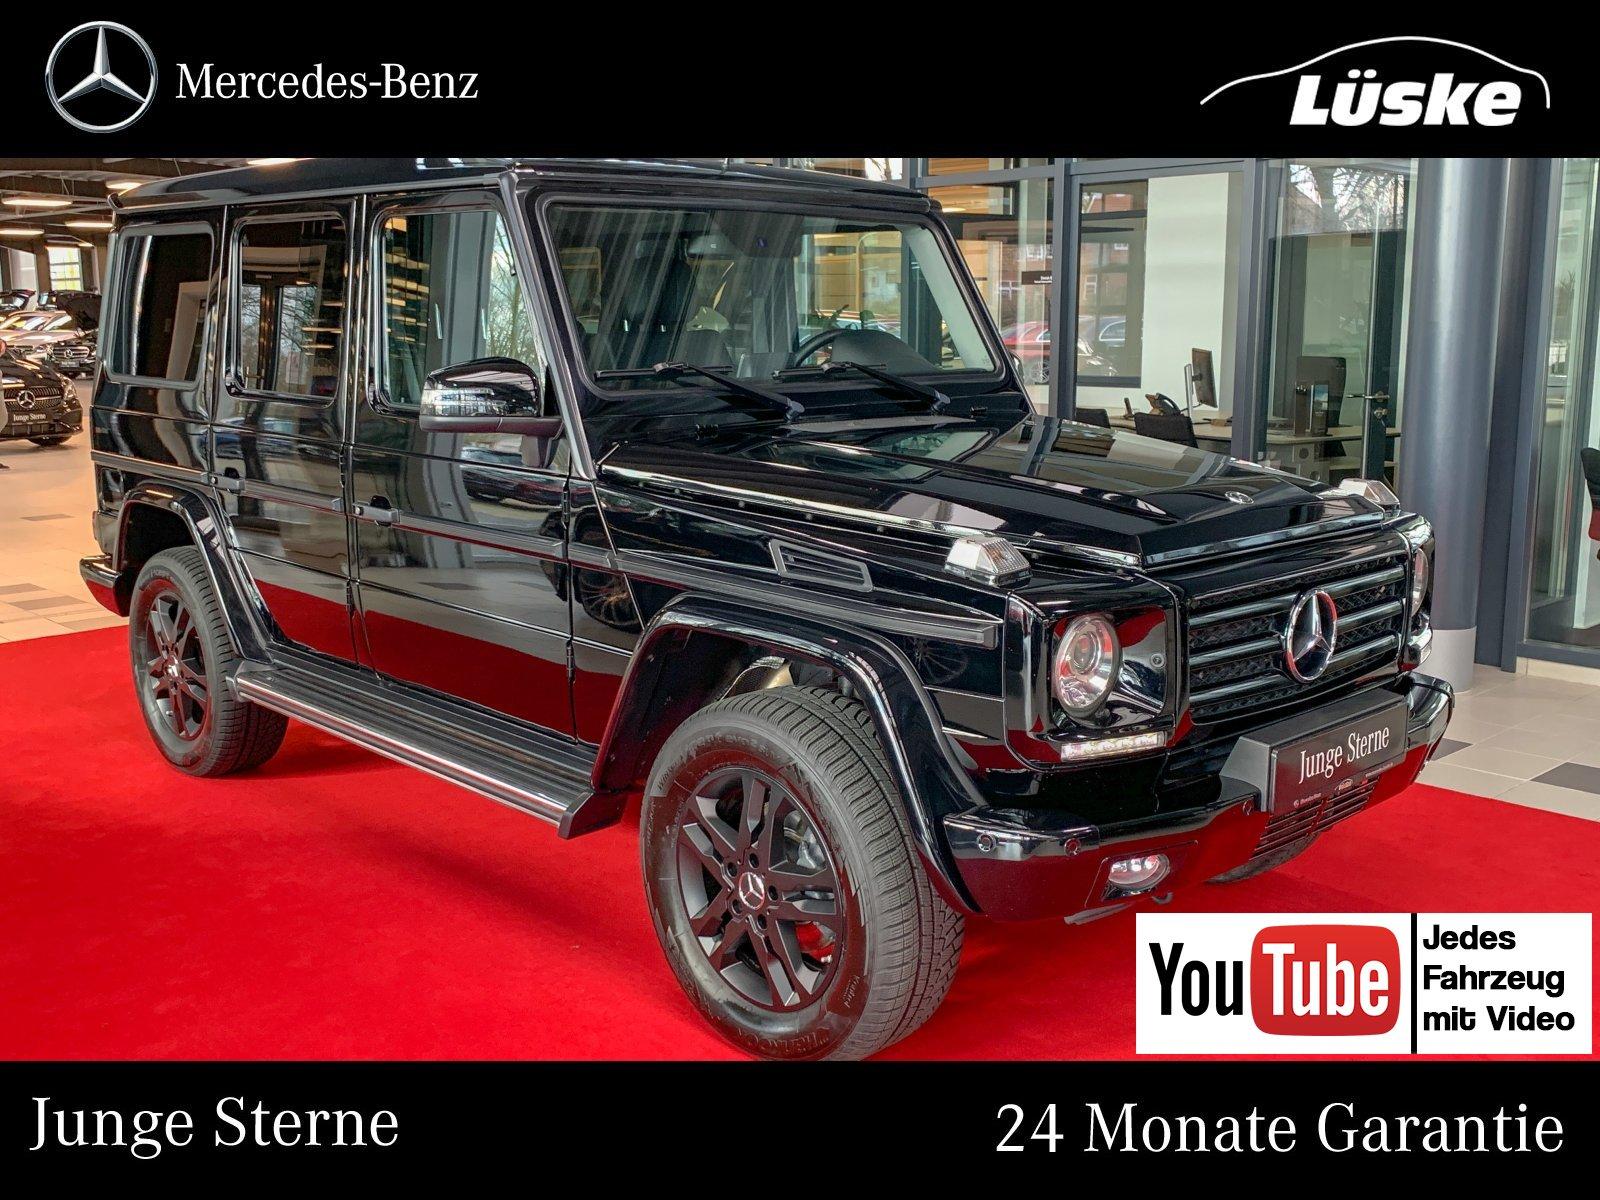 Mercedes-Benz G 350 BT Comand Kamera AHK Harman Standheizung, Jahr 2015, Diesel